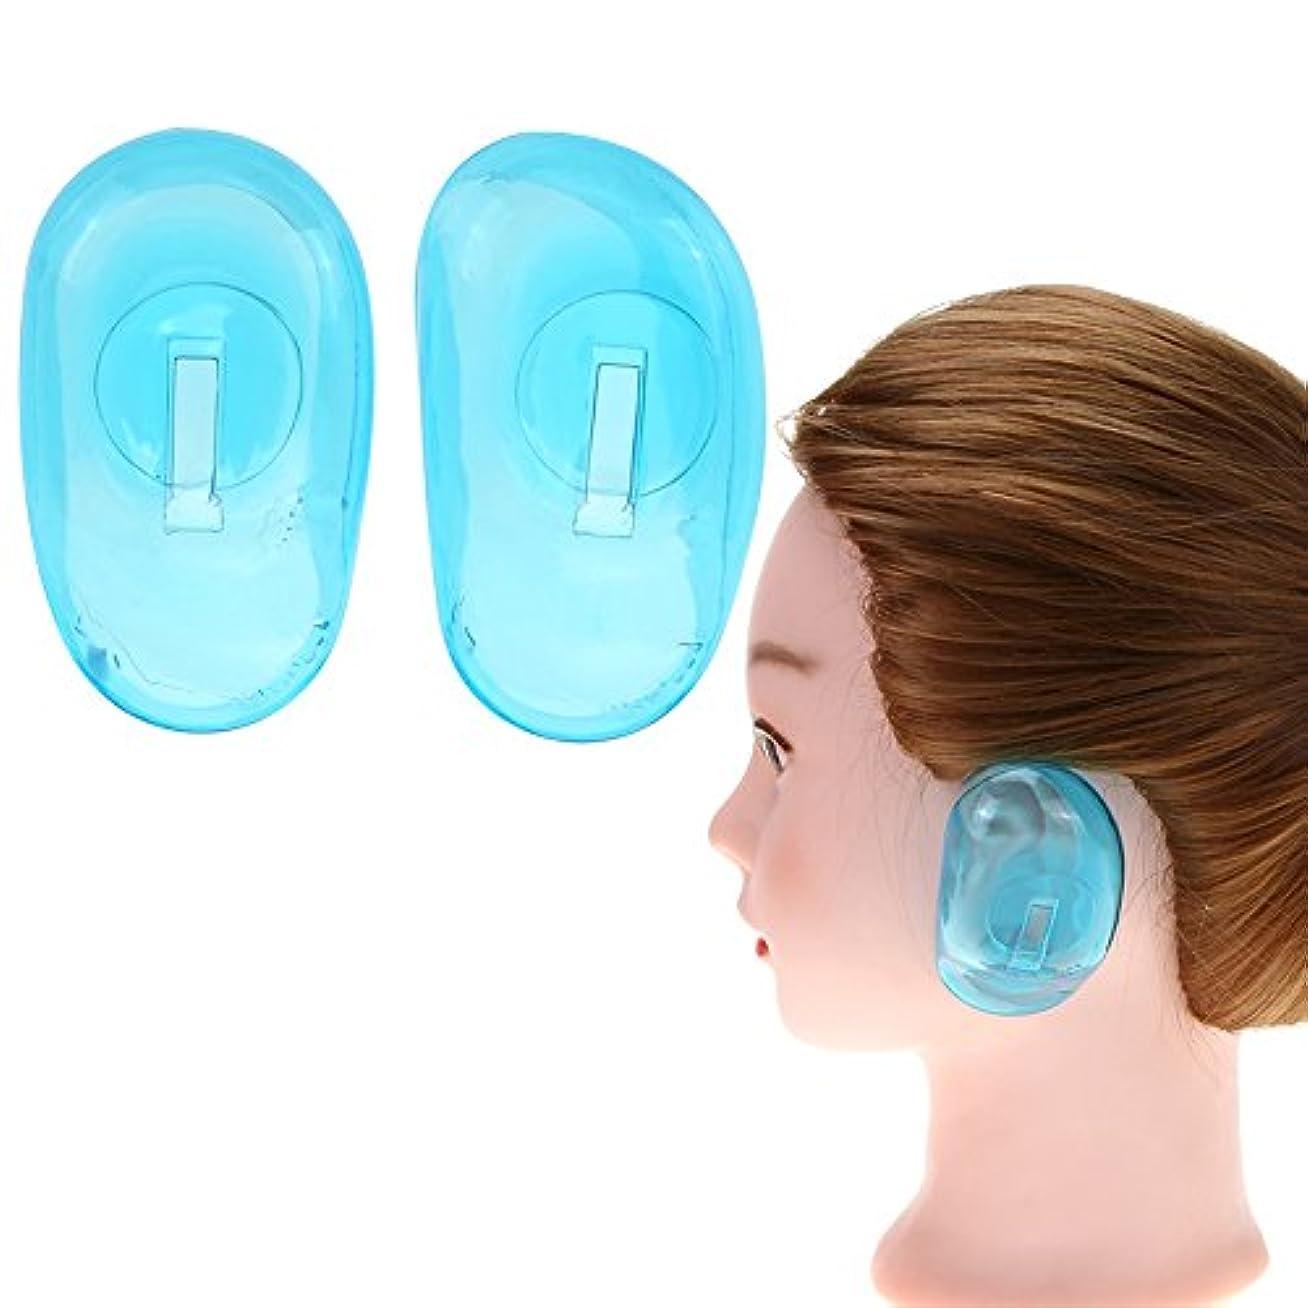 日食わがまま貫通Ruier-tong 5ペア耳カバー 毛染め用 シリコン製 耳キャップ 柔らかいイヤーキャップ ヘアカラー シャワー 耳保護 ヘアケアツール サロン 洗える 繰り返す使用可能 エコ 8.5x5cm